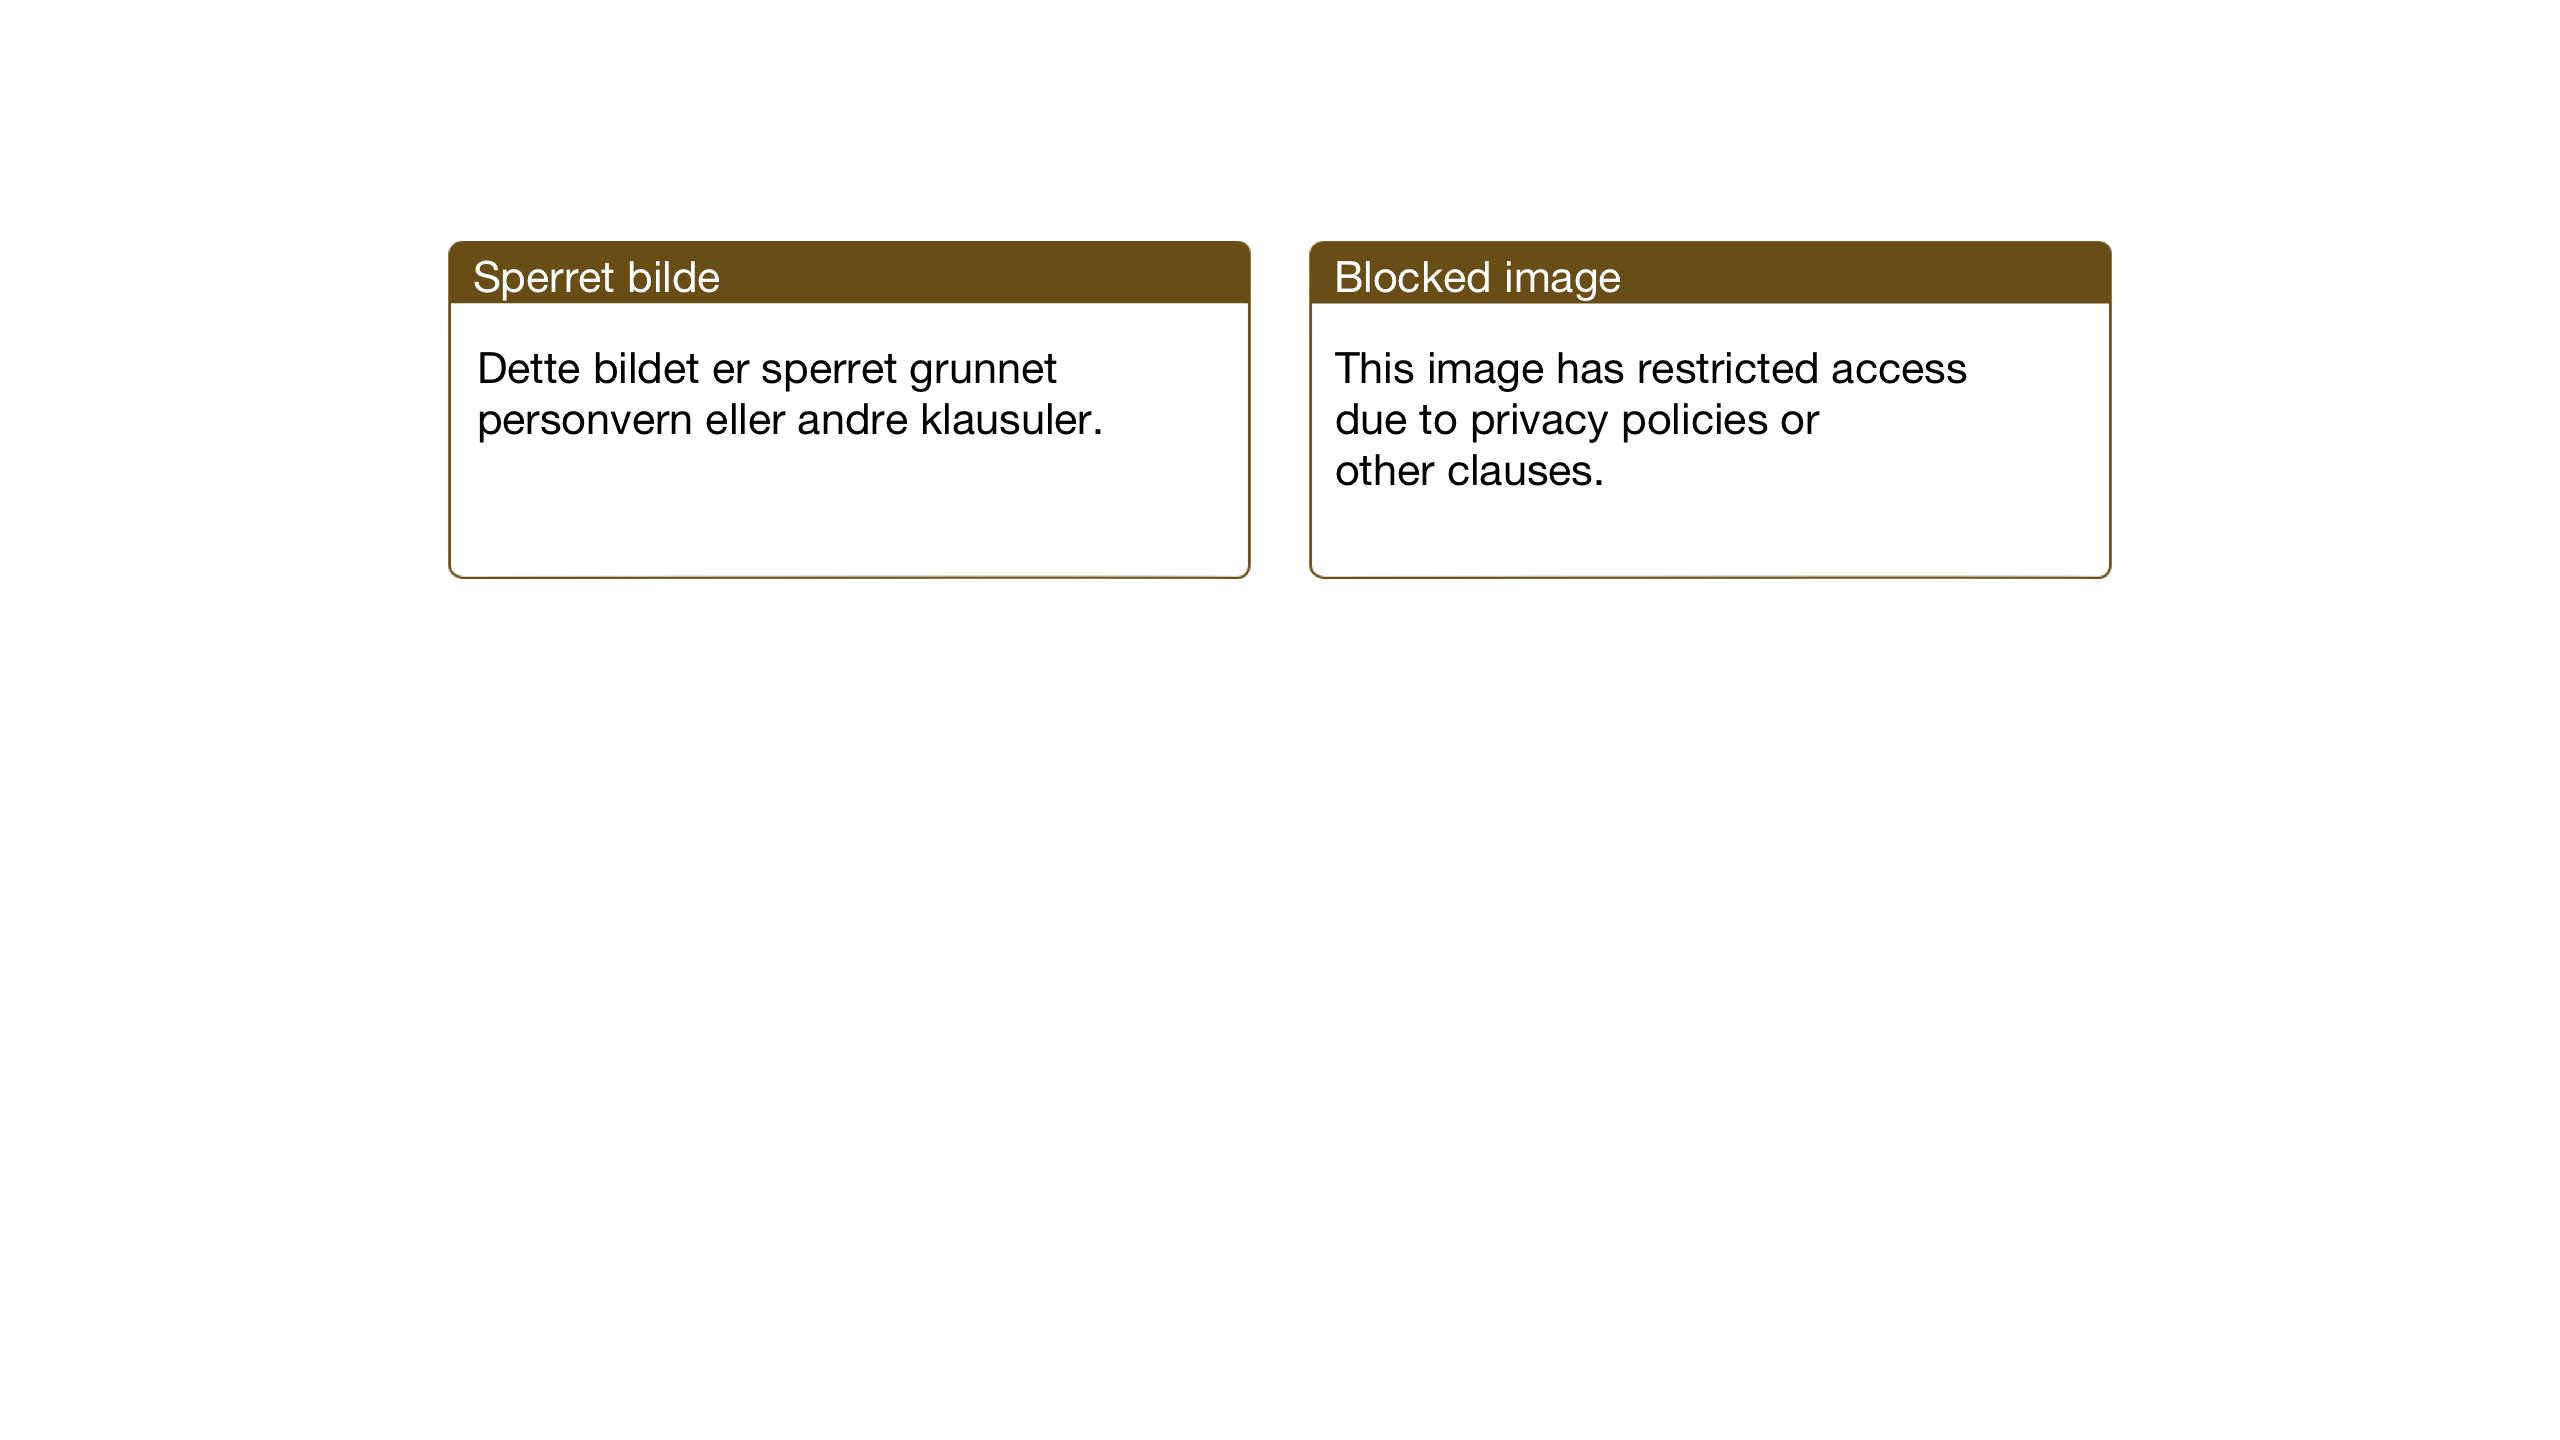 SAT, Ministerialprotokoller, klokkerbøker og fødselsregistre - Sør-Trøndelag, 607/L0327: Klokkerbok nr. 607C01, 1930-1939, s. 103